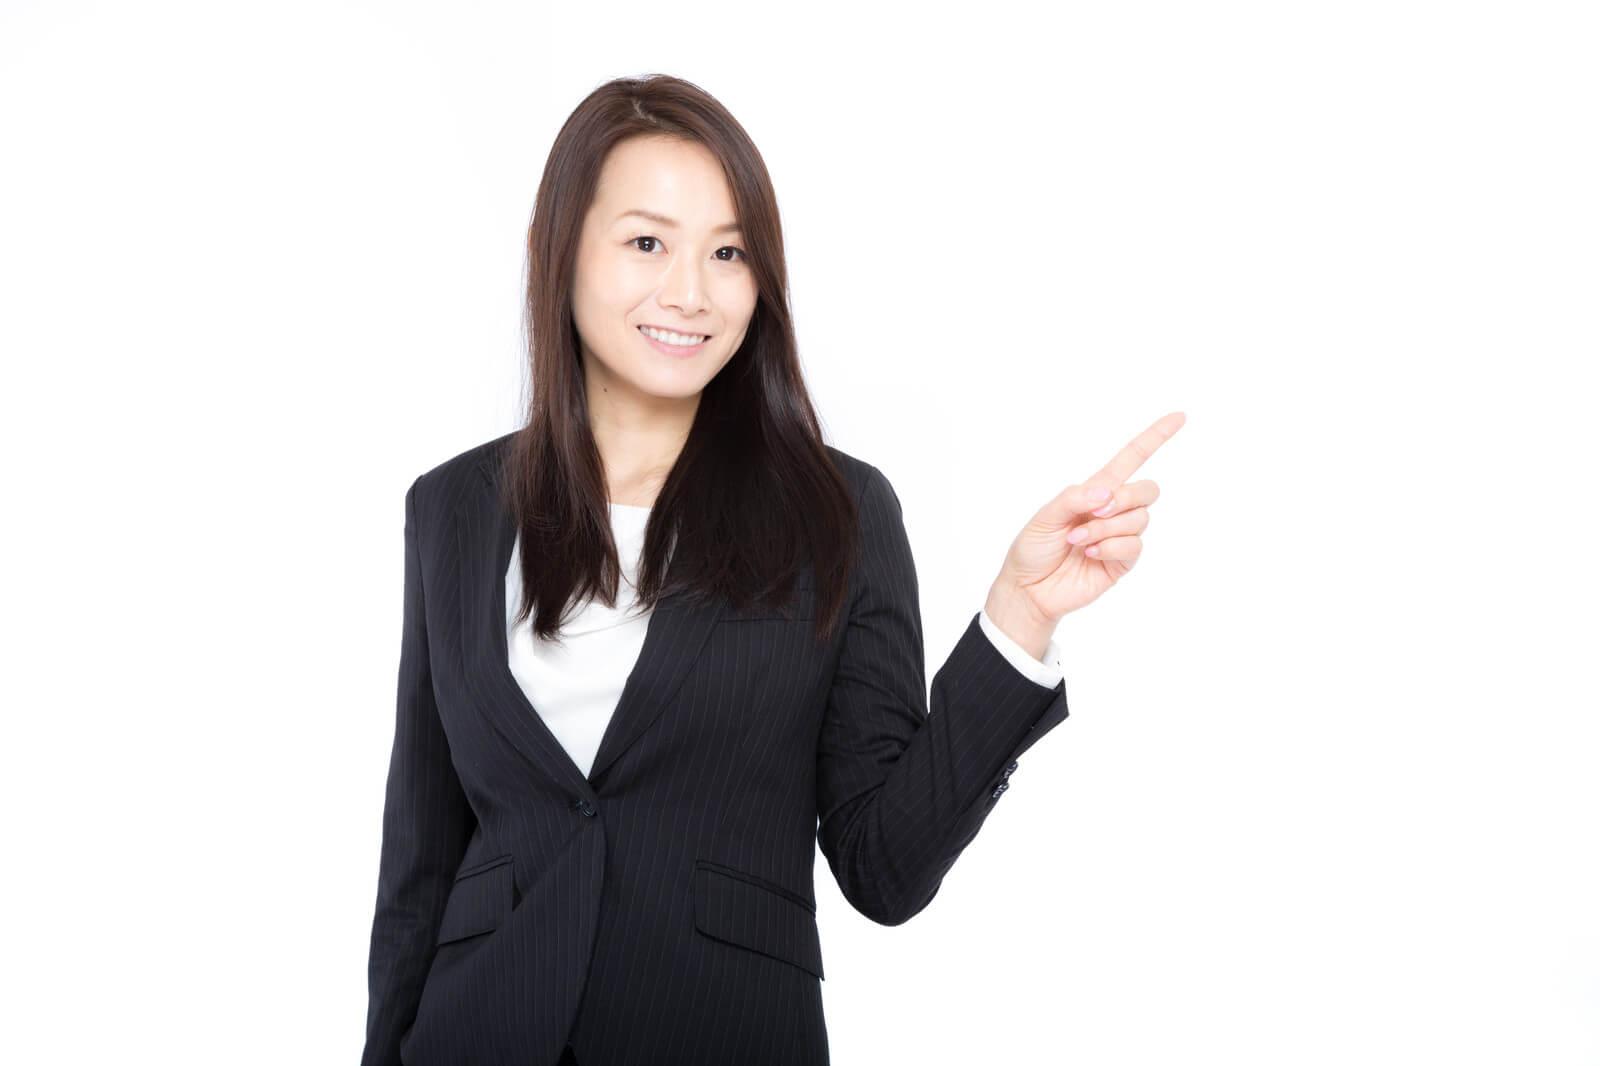 MNP(ナンバーポータビリティ)でMVNO(格安スマホ)に乗り換えするときの注意点を説明する女性